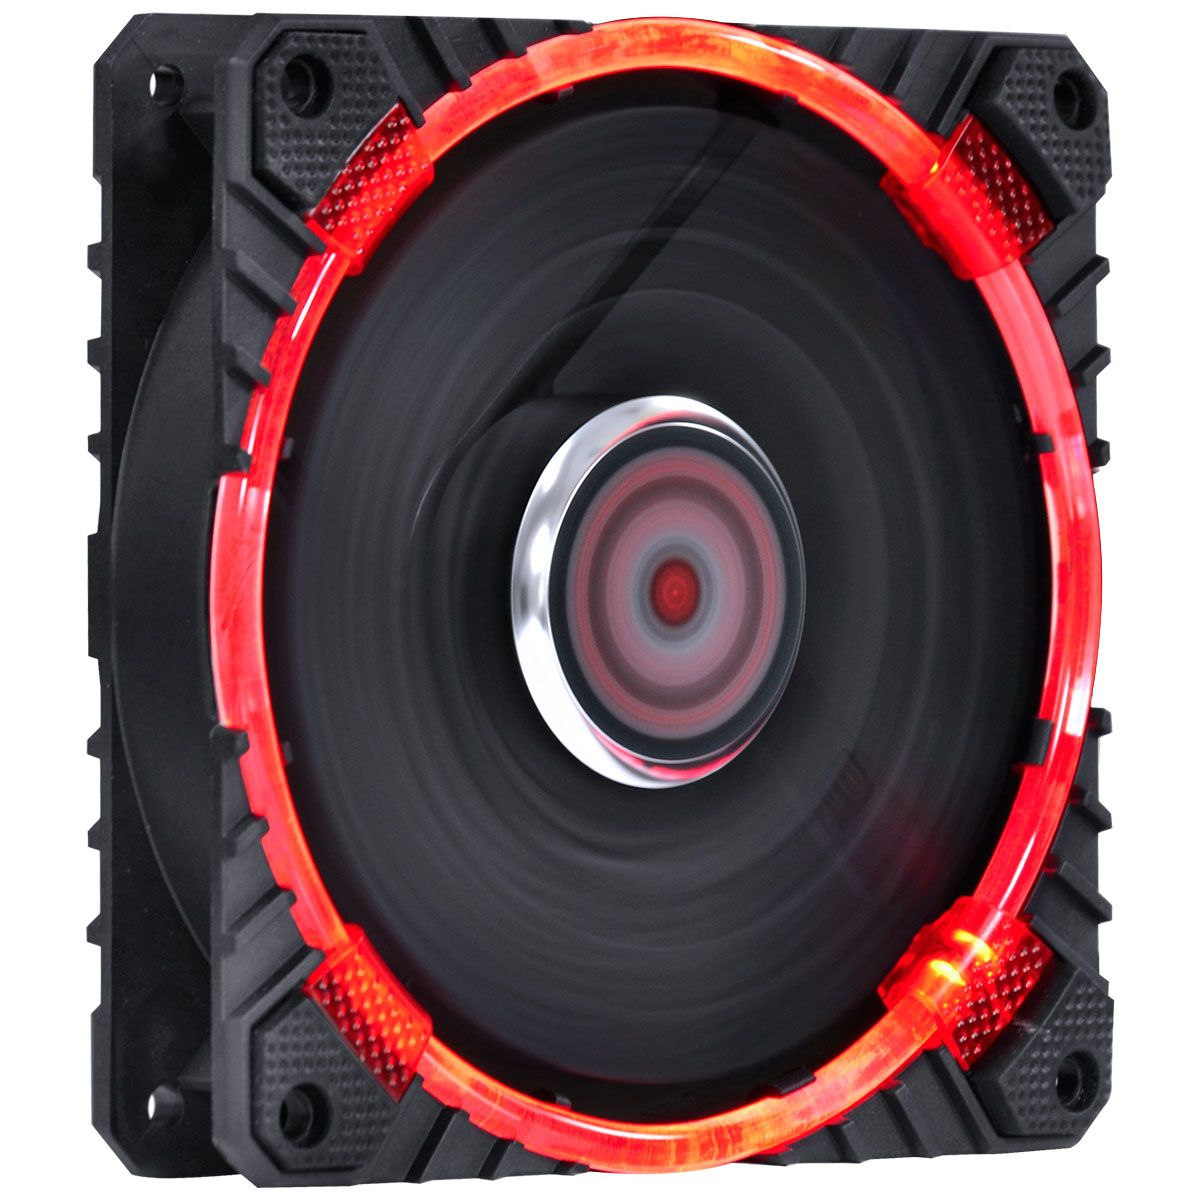 Cooler para Gabinete 120mm Calafrio com LED Vermelho FCAL120LDVM 27122 - Pcyes